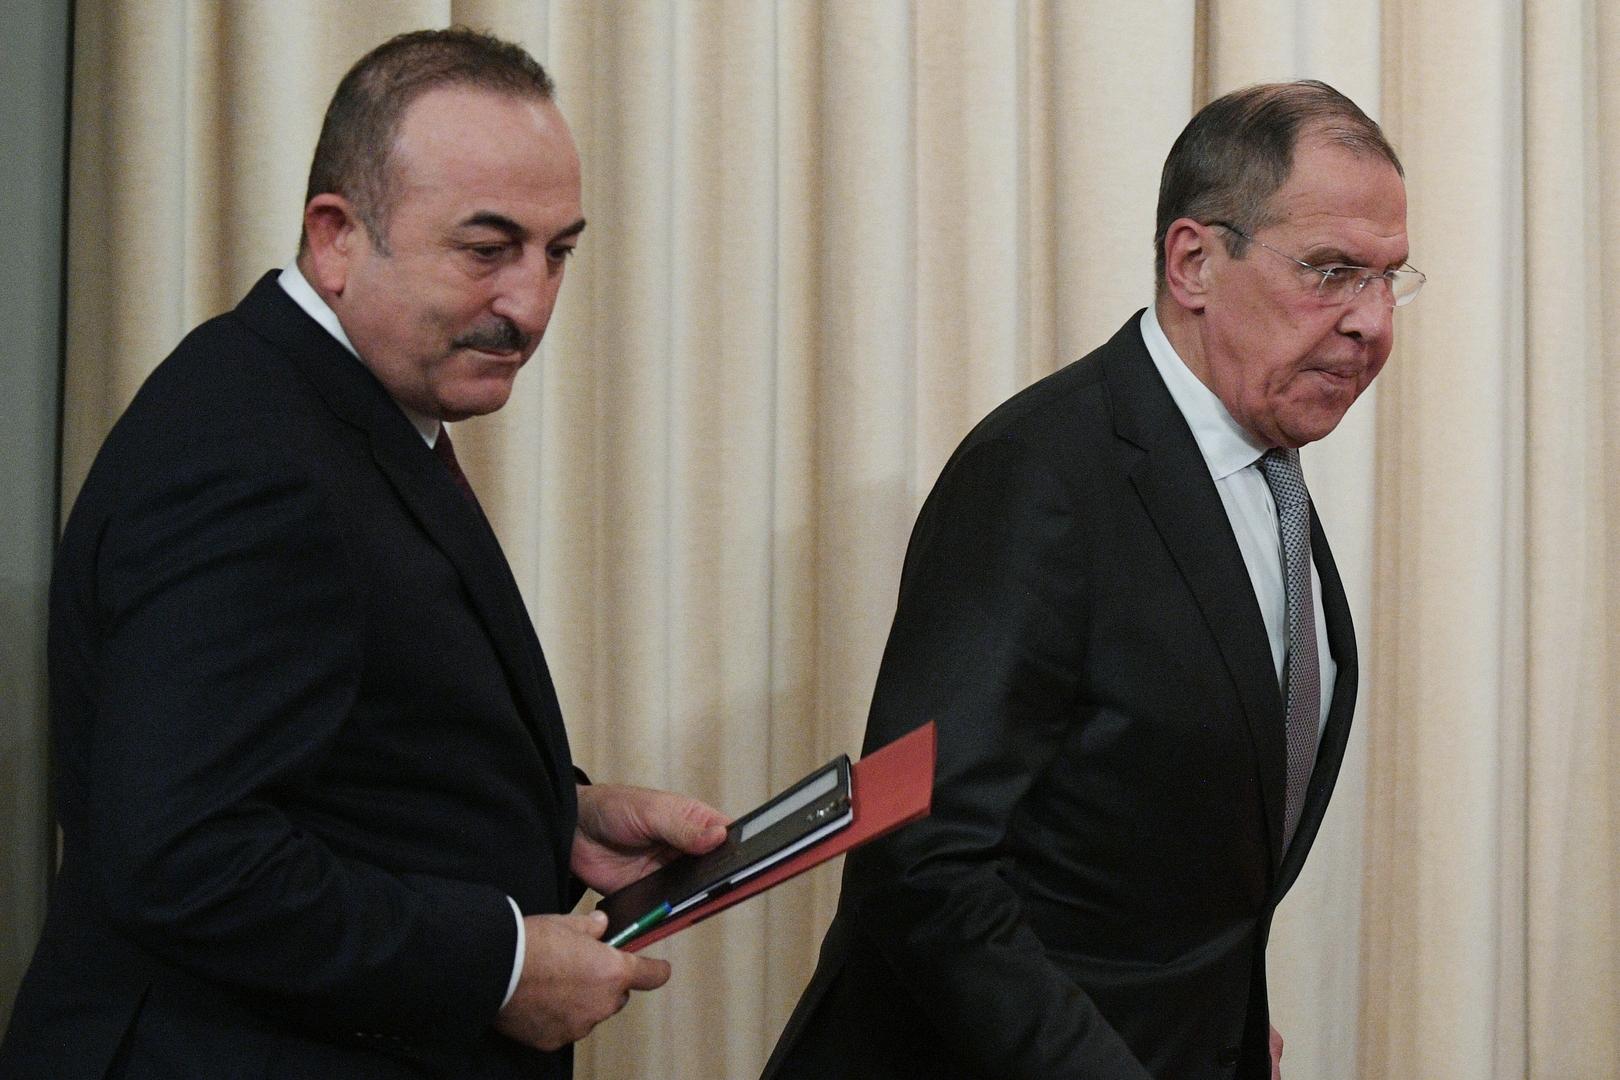 موسكو وأنقرة تؤكدان على أهمية وقف القتال واستئناف العملية السياسية في ليبيا